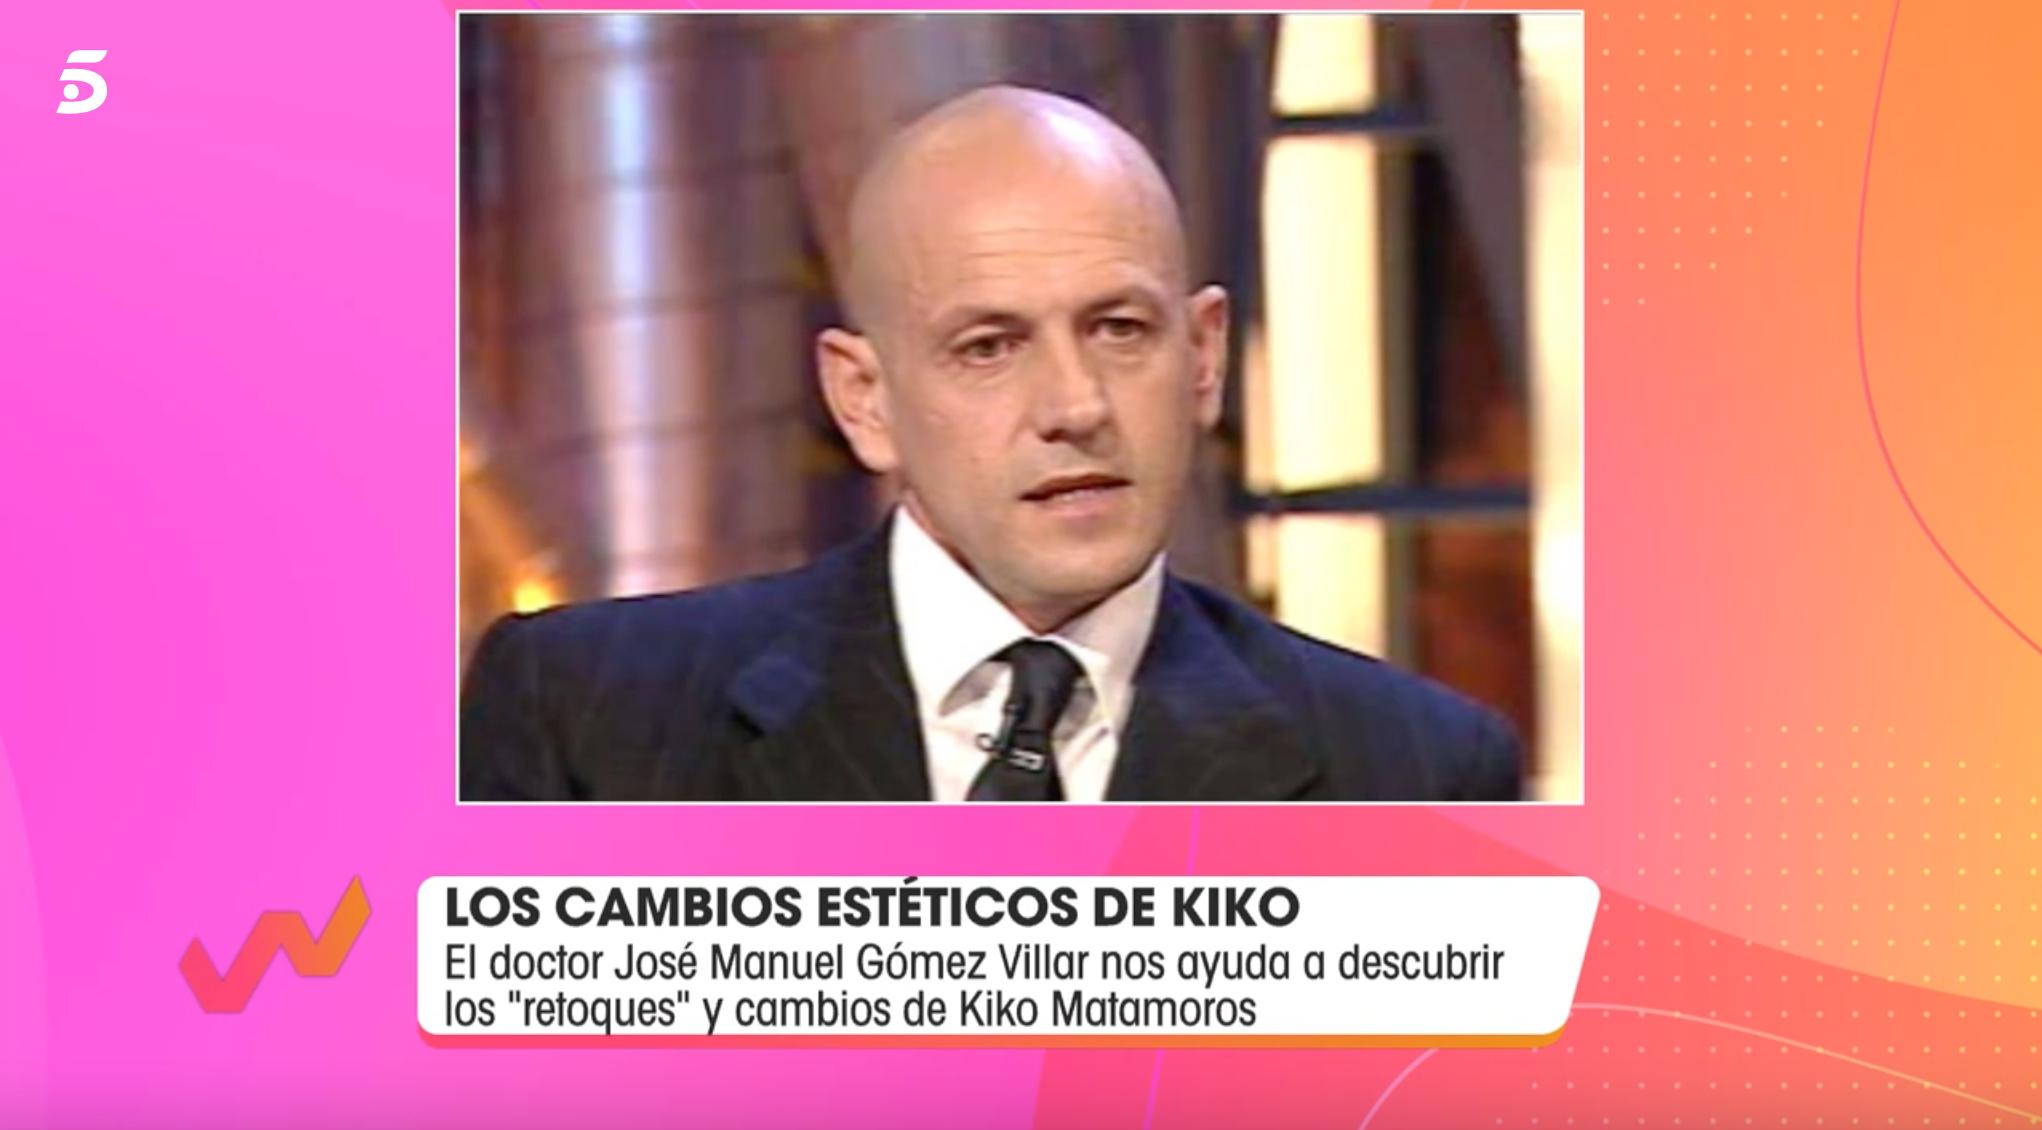 Kiko Matamoros amb 42 anys | Telecinco